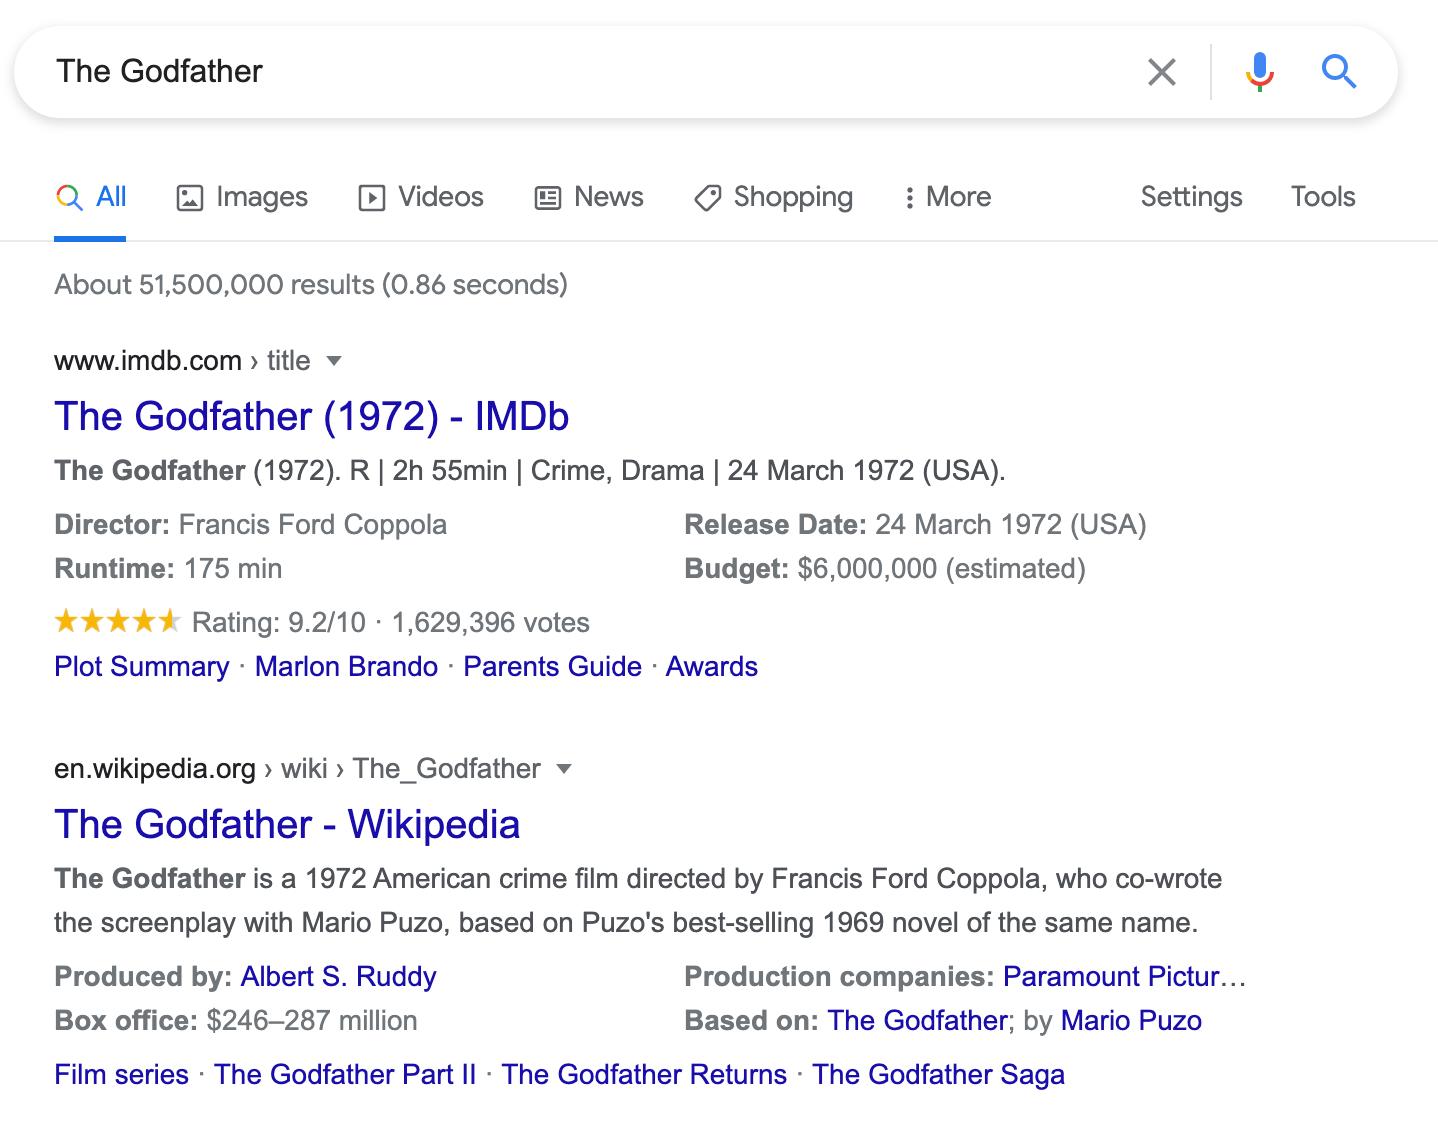 the godfatehr movie snippet on serp